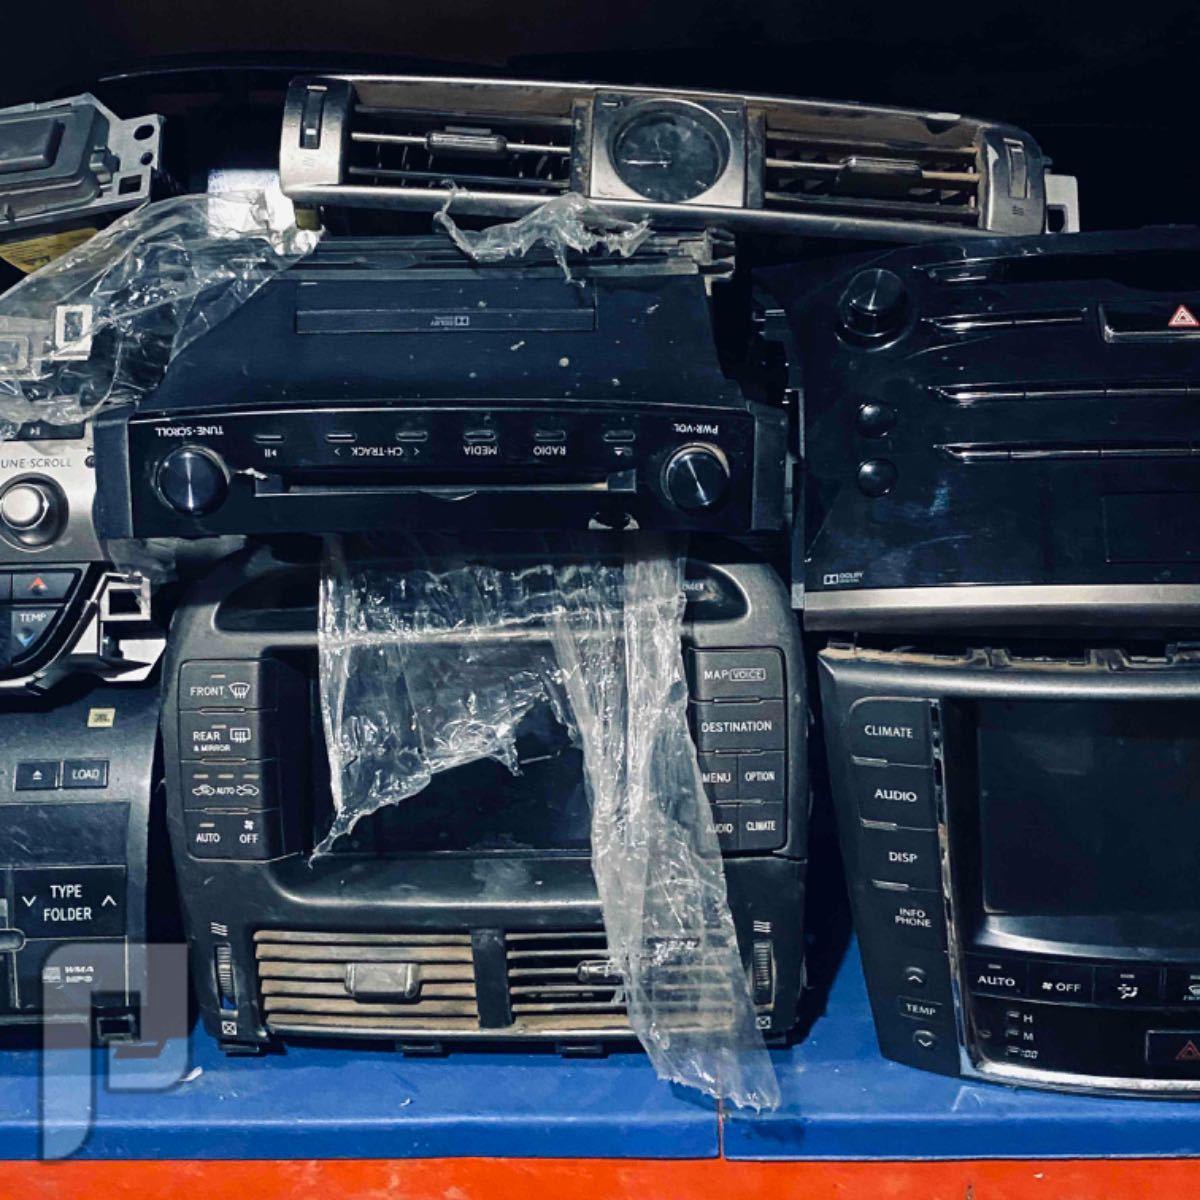 قطع غيار الكزس قطع التربيط والشاشات واجهزة الصوت والفرامل